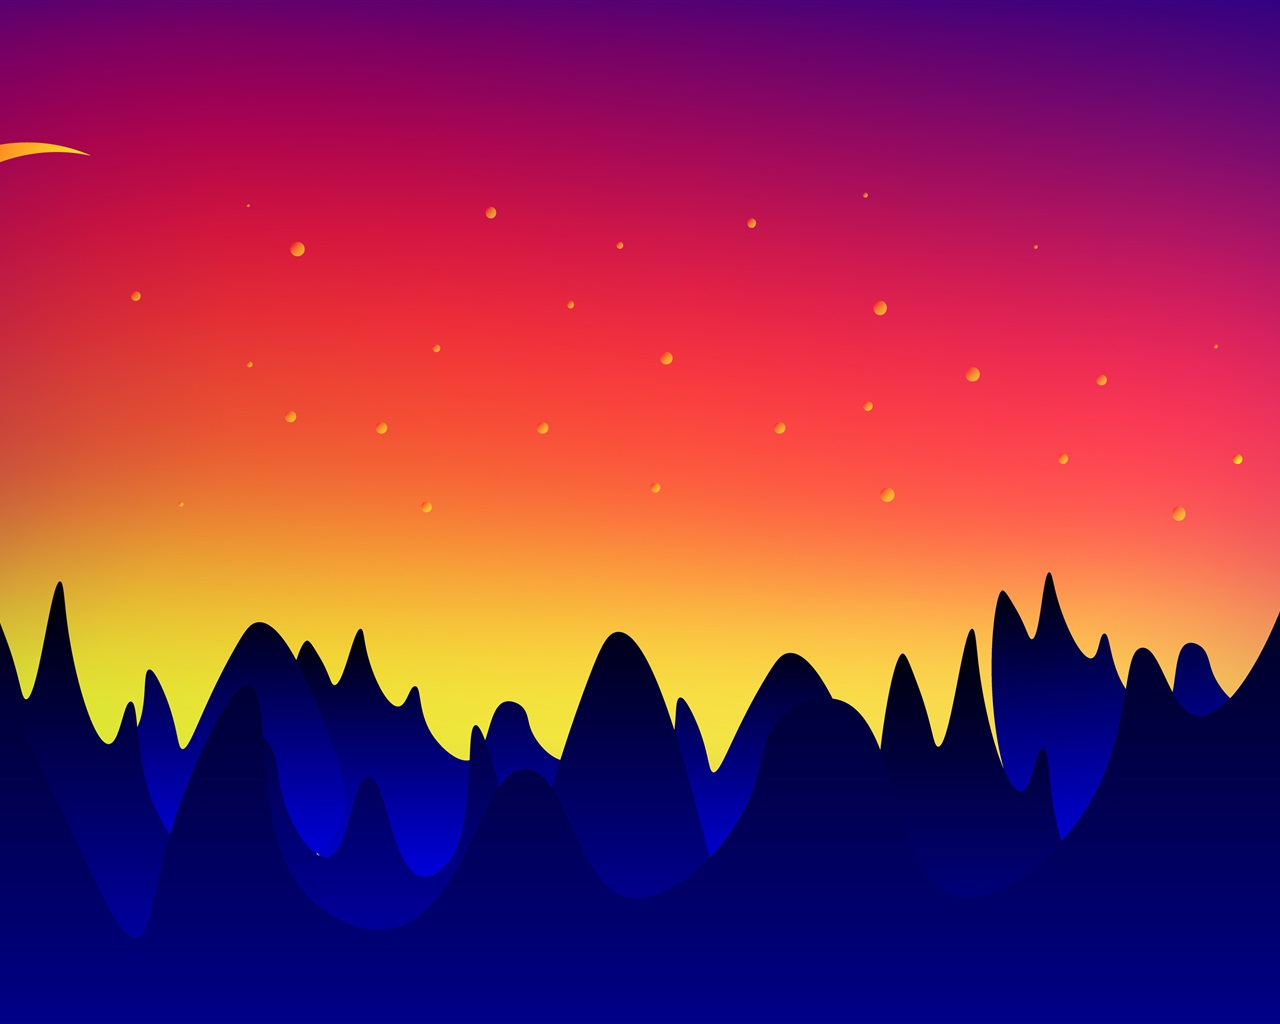 壁紙 ベクターデザイン 山 月 夕暮れ 3840x2160 Uhd 4k 無料のデスクトップの背景 画像